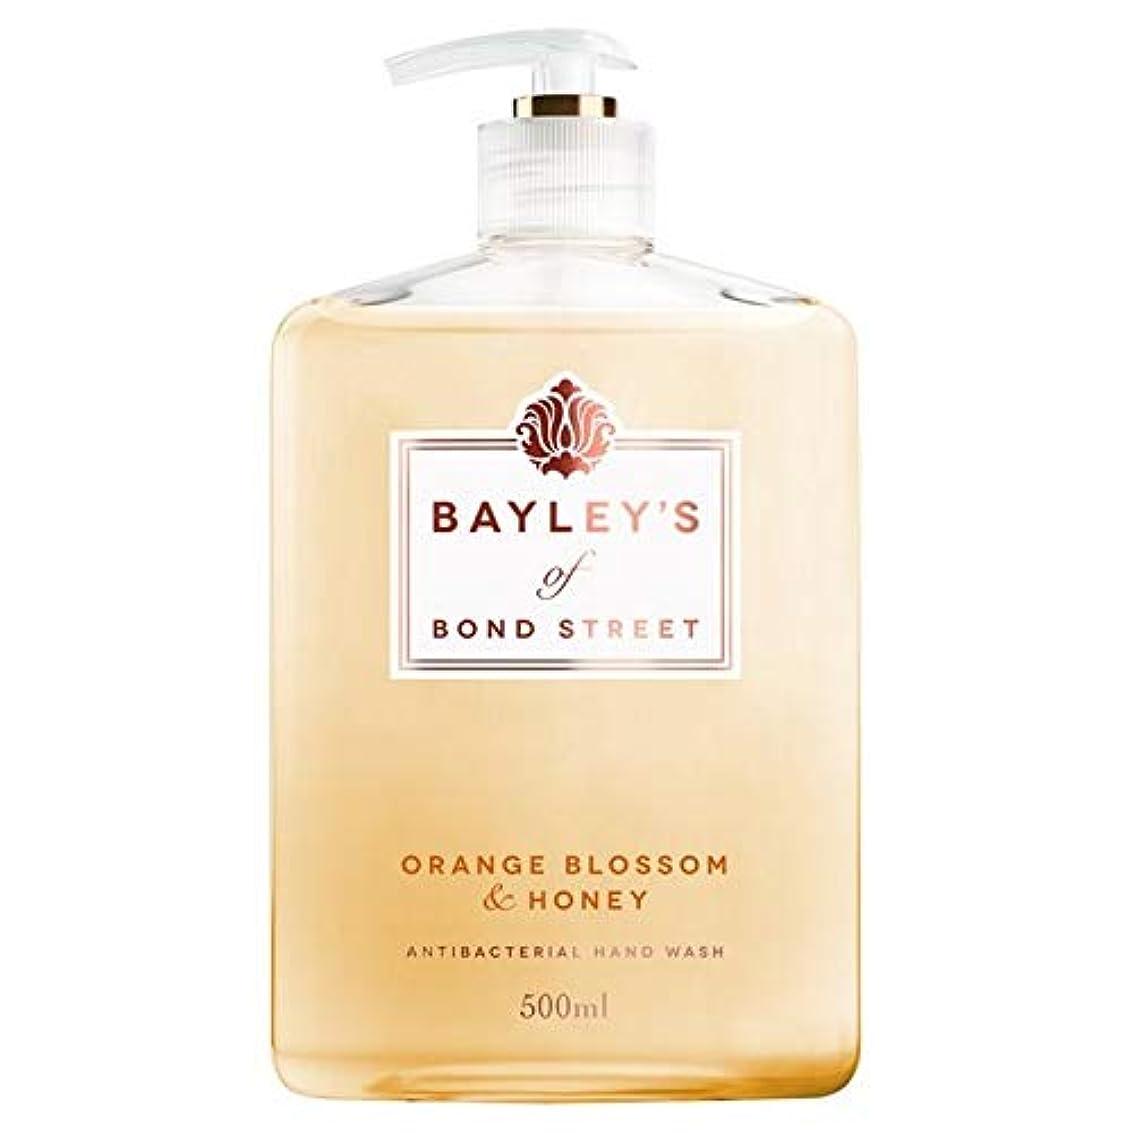 クレーンマリンミケランジェロ[Bayley's of Bond Street ] ベイリーのボンドストリートオレンジブロッサム&ハニーハンドウォッシュ500ミリリットルの - Bayley's of Bond Street Orange Blossom...